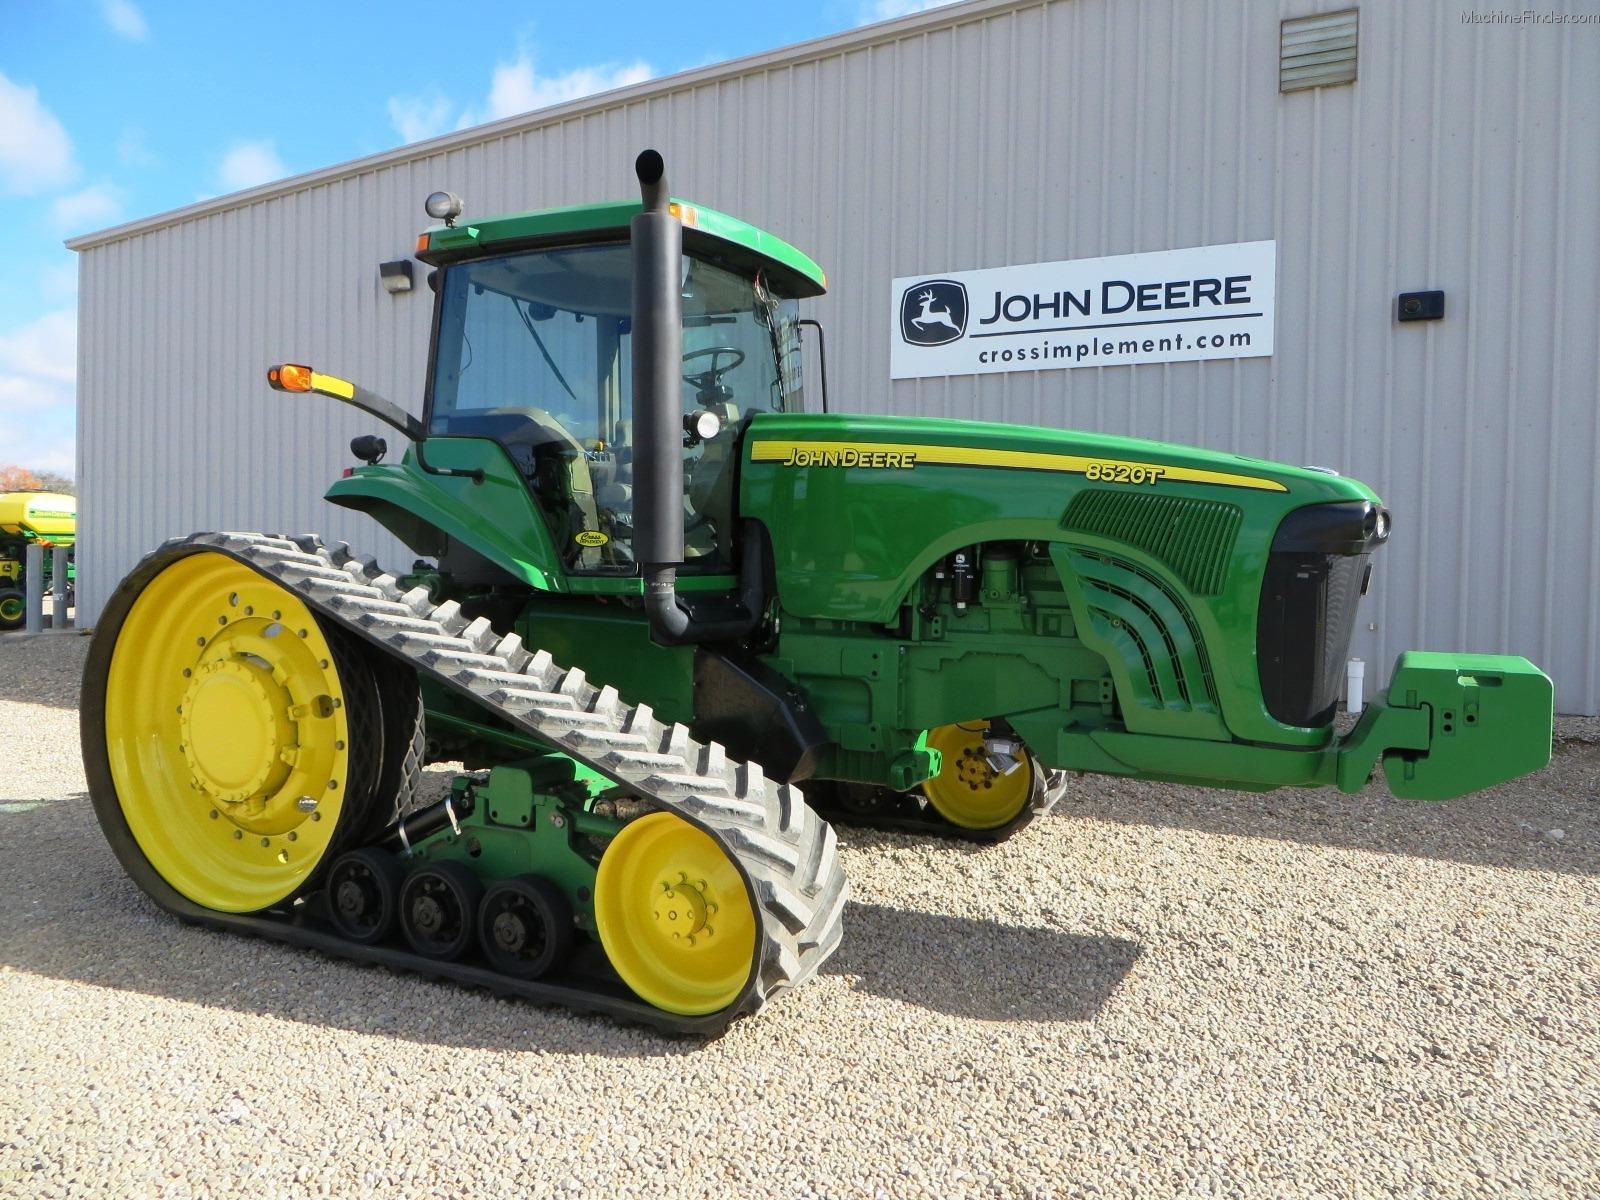 2004 John Deere 8520T Tractors - Row Crop (+100hp) - John ...